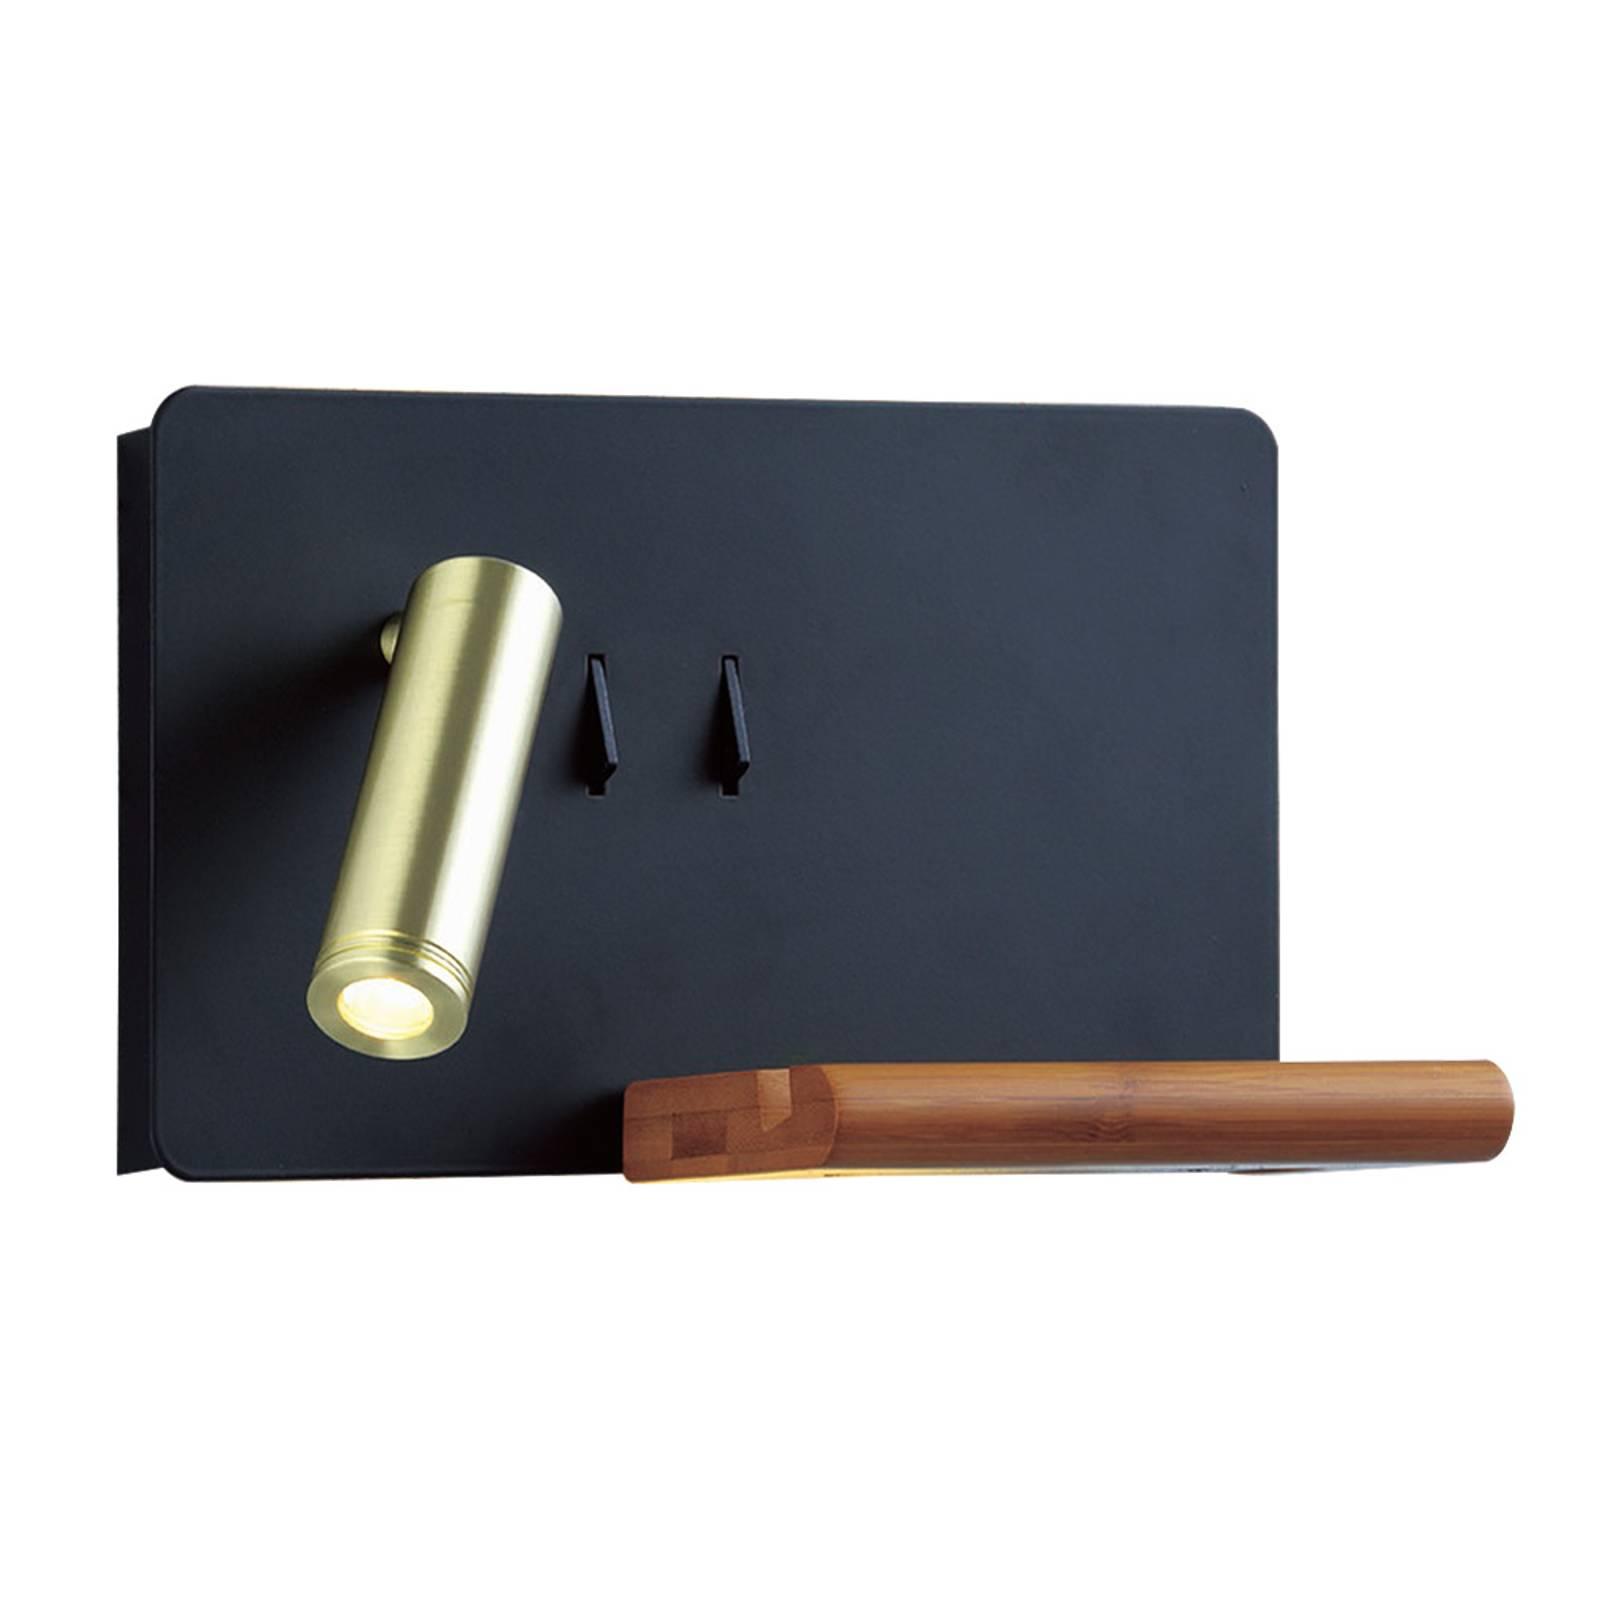 Lucande Kimo -LED-seinävalaisin, musta/kulta